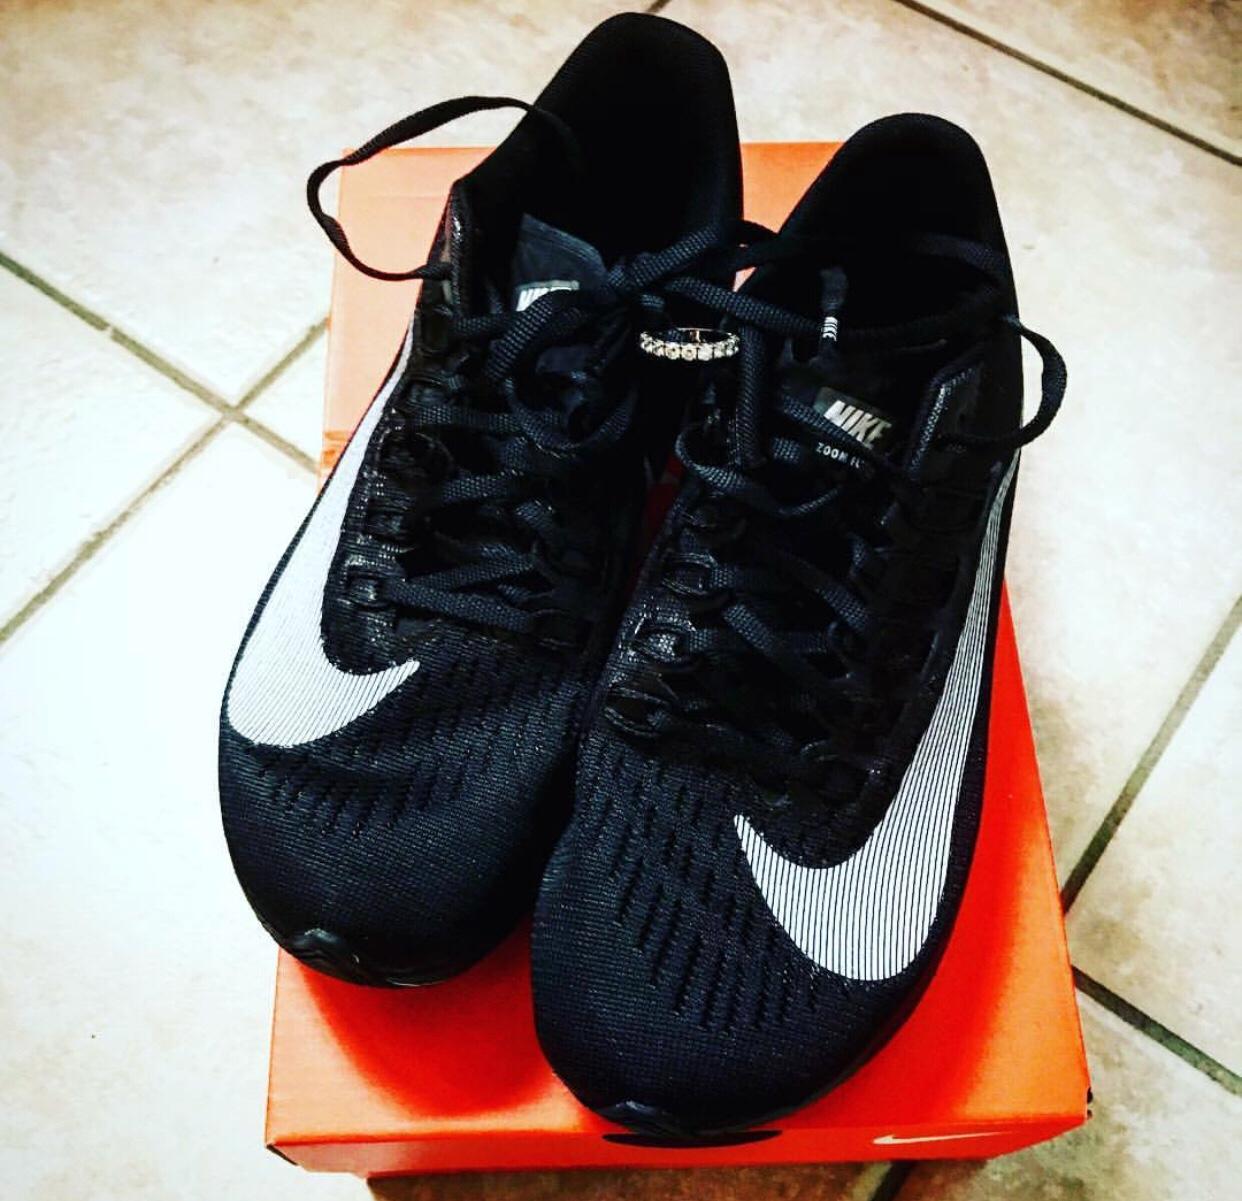 """La prima è stata la Nike Zoom Fly. Ad oggi la migliore che io abbia mai  usato in 16 anni di """"carriera"""". 96d74058e74"""